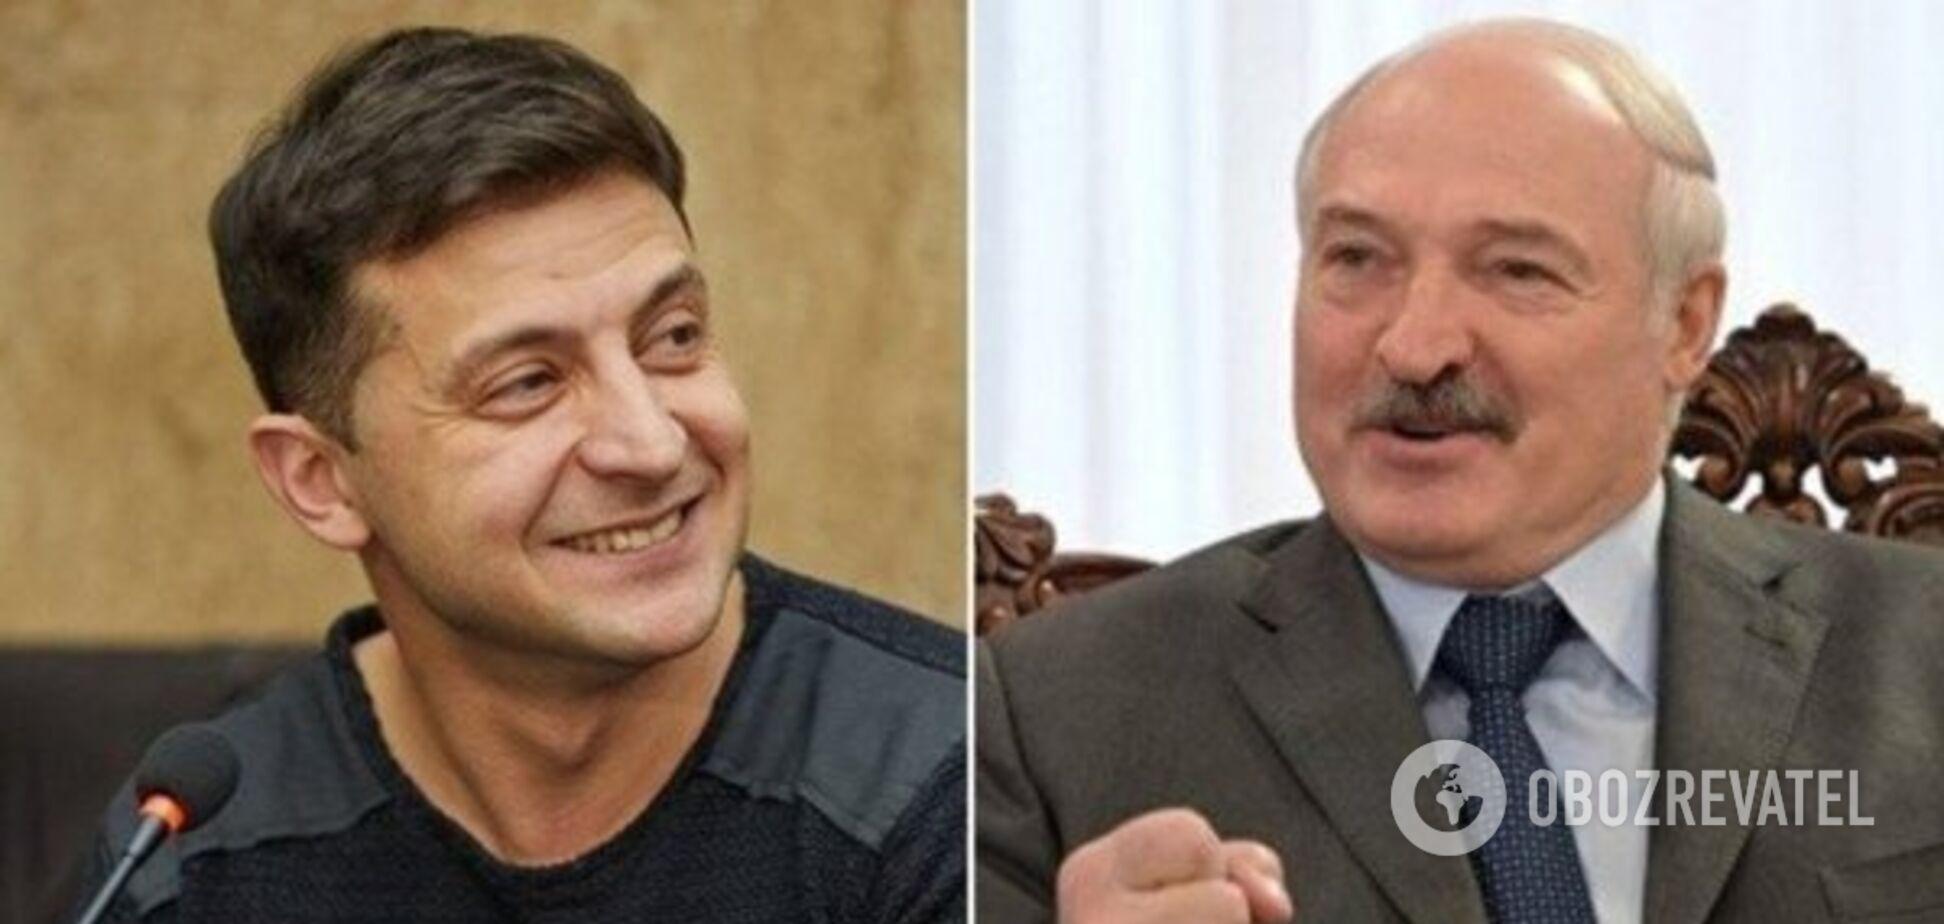 Гра в Лукашенка: історик назвав серйозний промах Зеленського